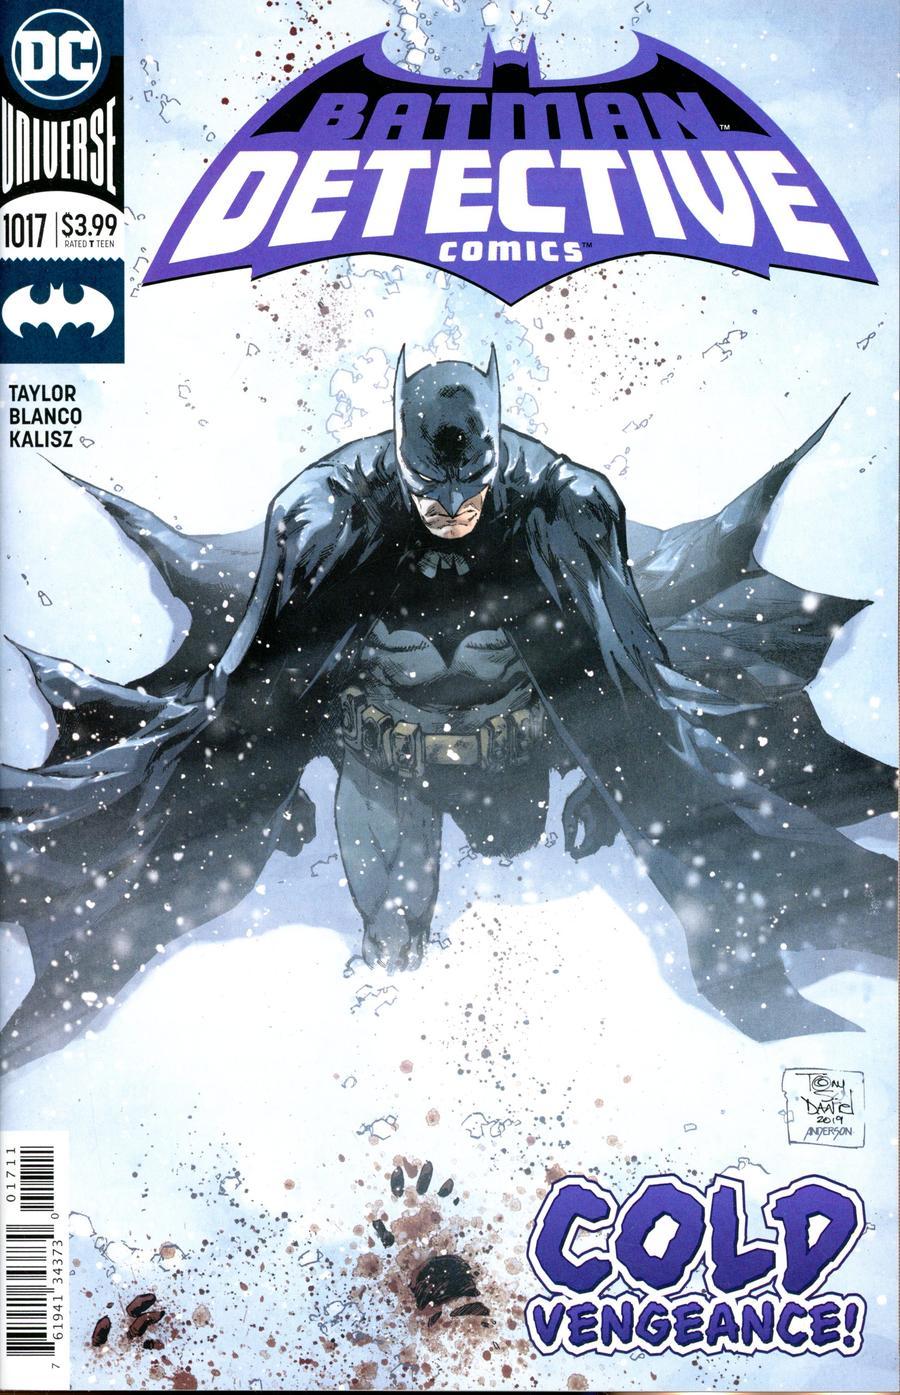 Detective Comics Vol 2 #1017 Cover A Regular Tony S Daniel Cover